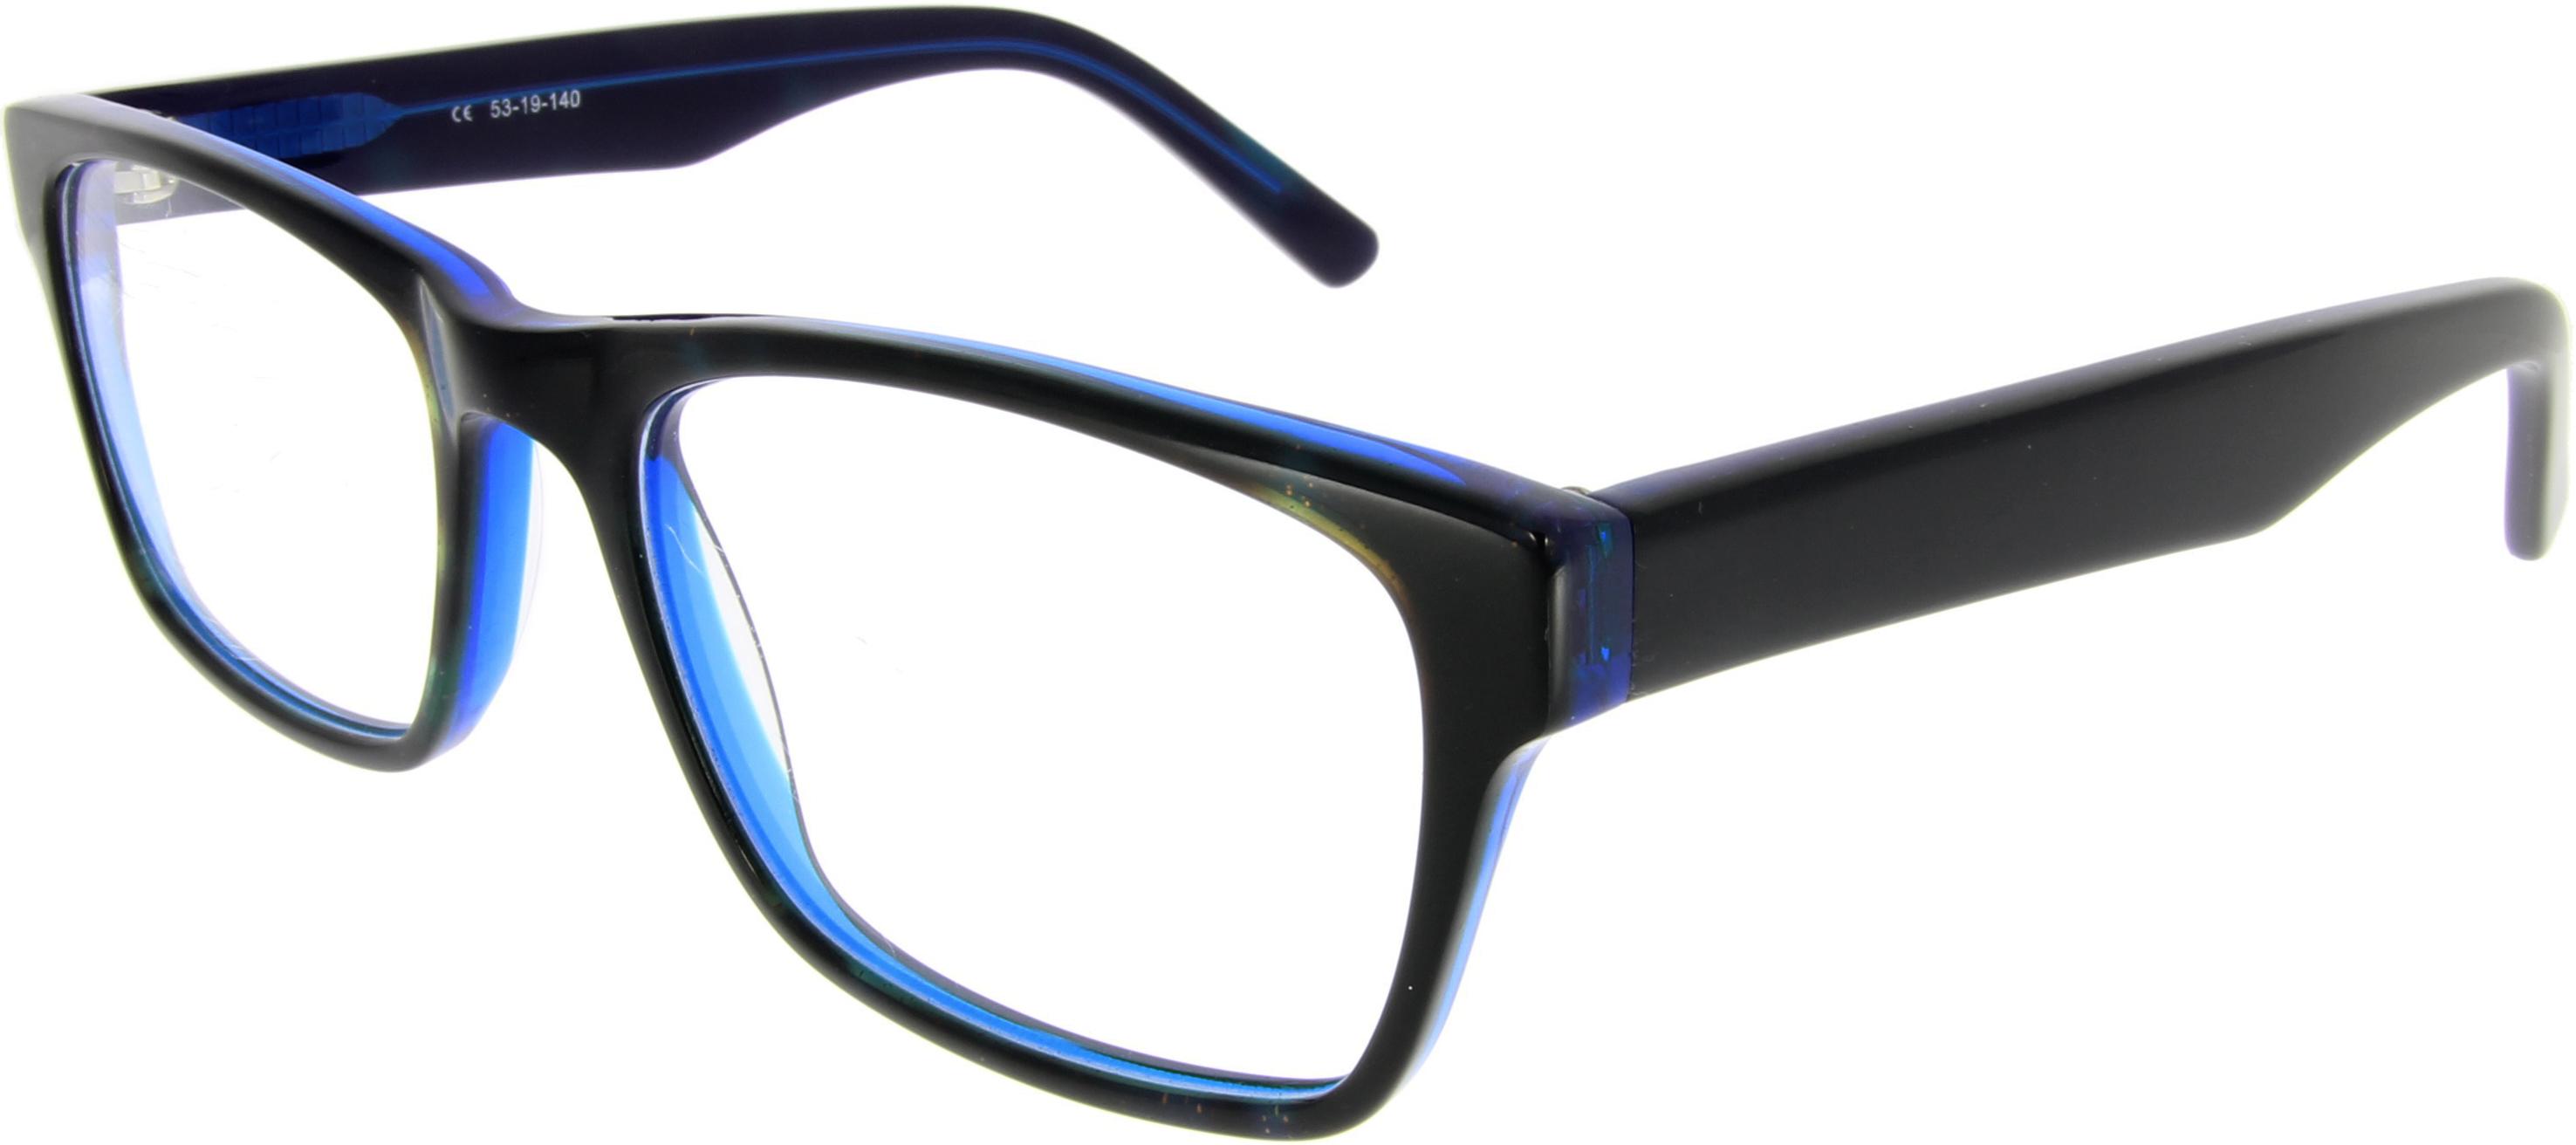 Vorschaubild von Schwarzblaue Brille mit Glitzerpartikeln